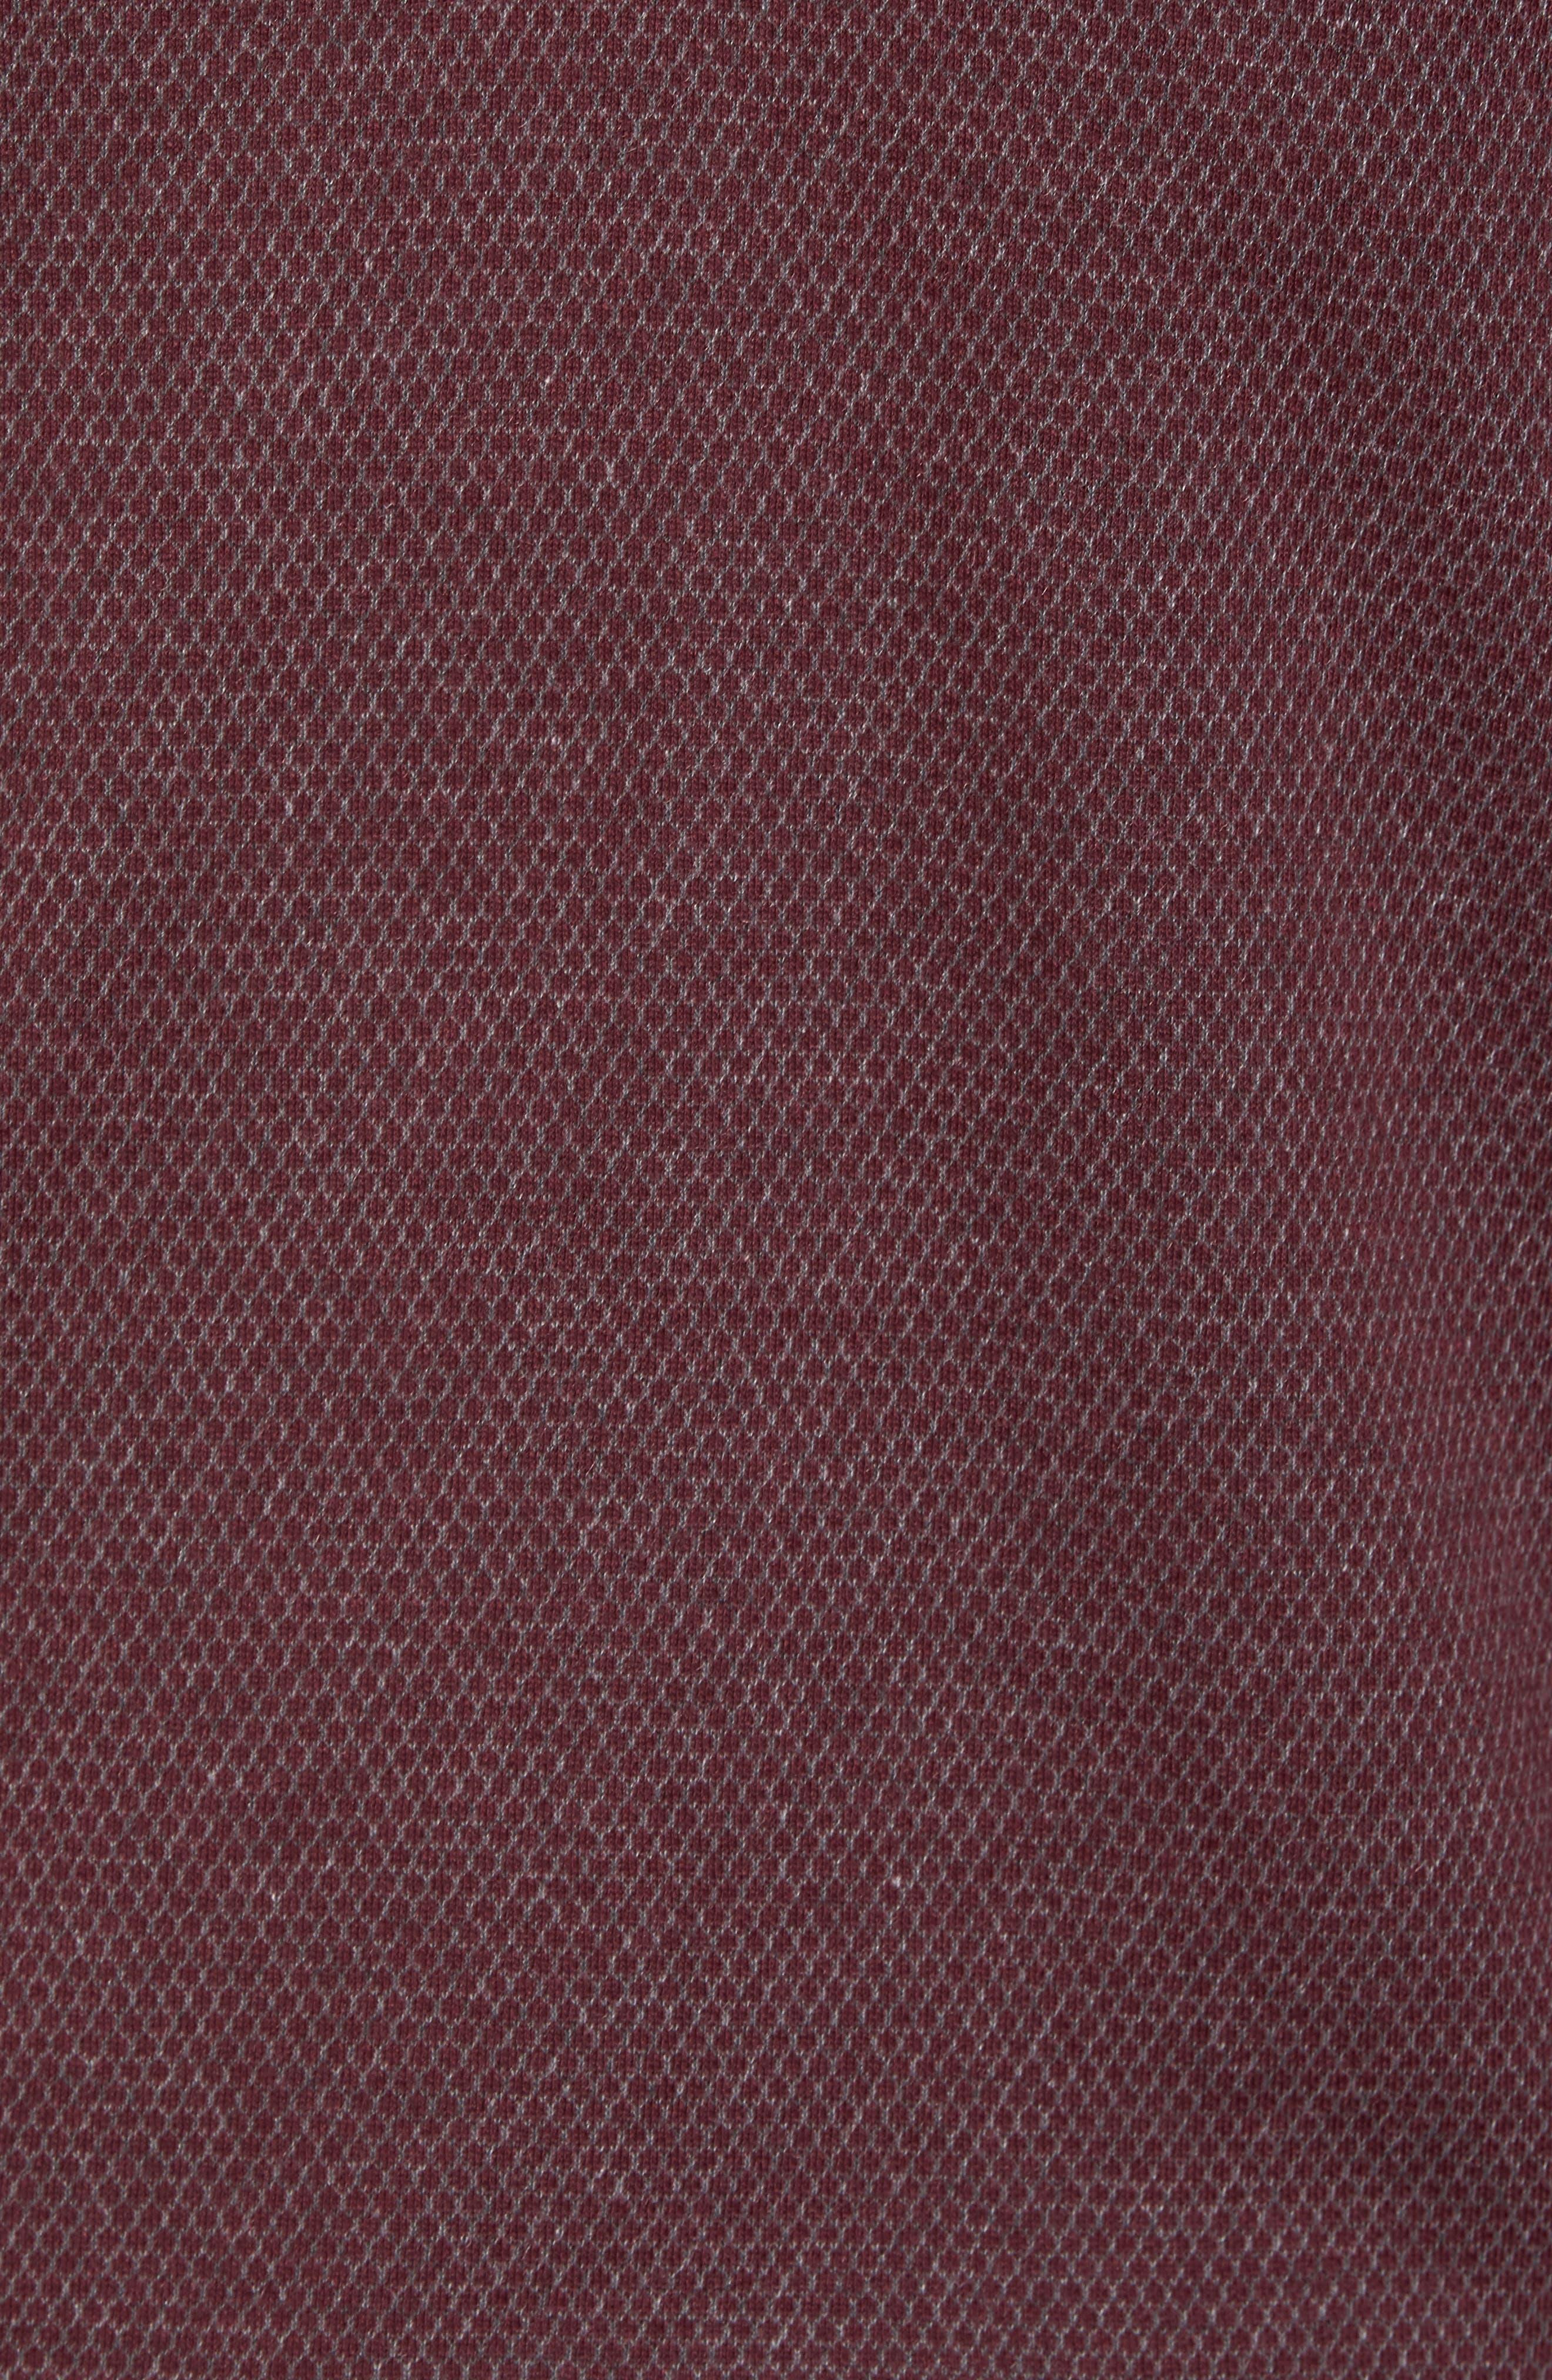 Woolpak Trim Fit Mouliné Polo,                             Alternate thumbnail 5, color,                             Dk Red